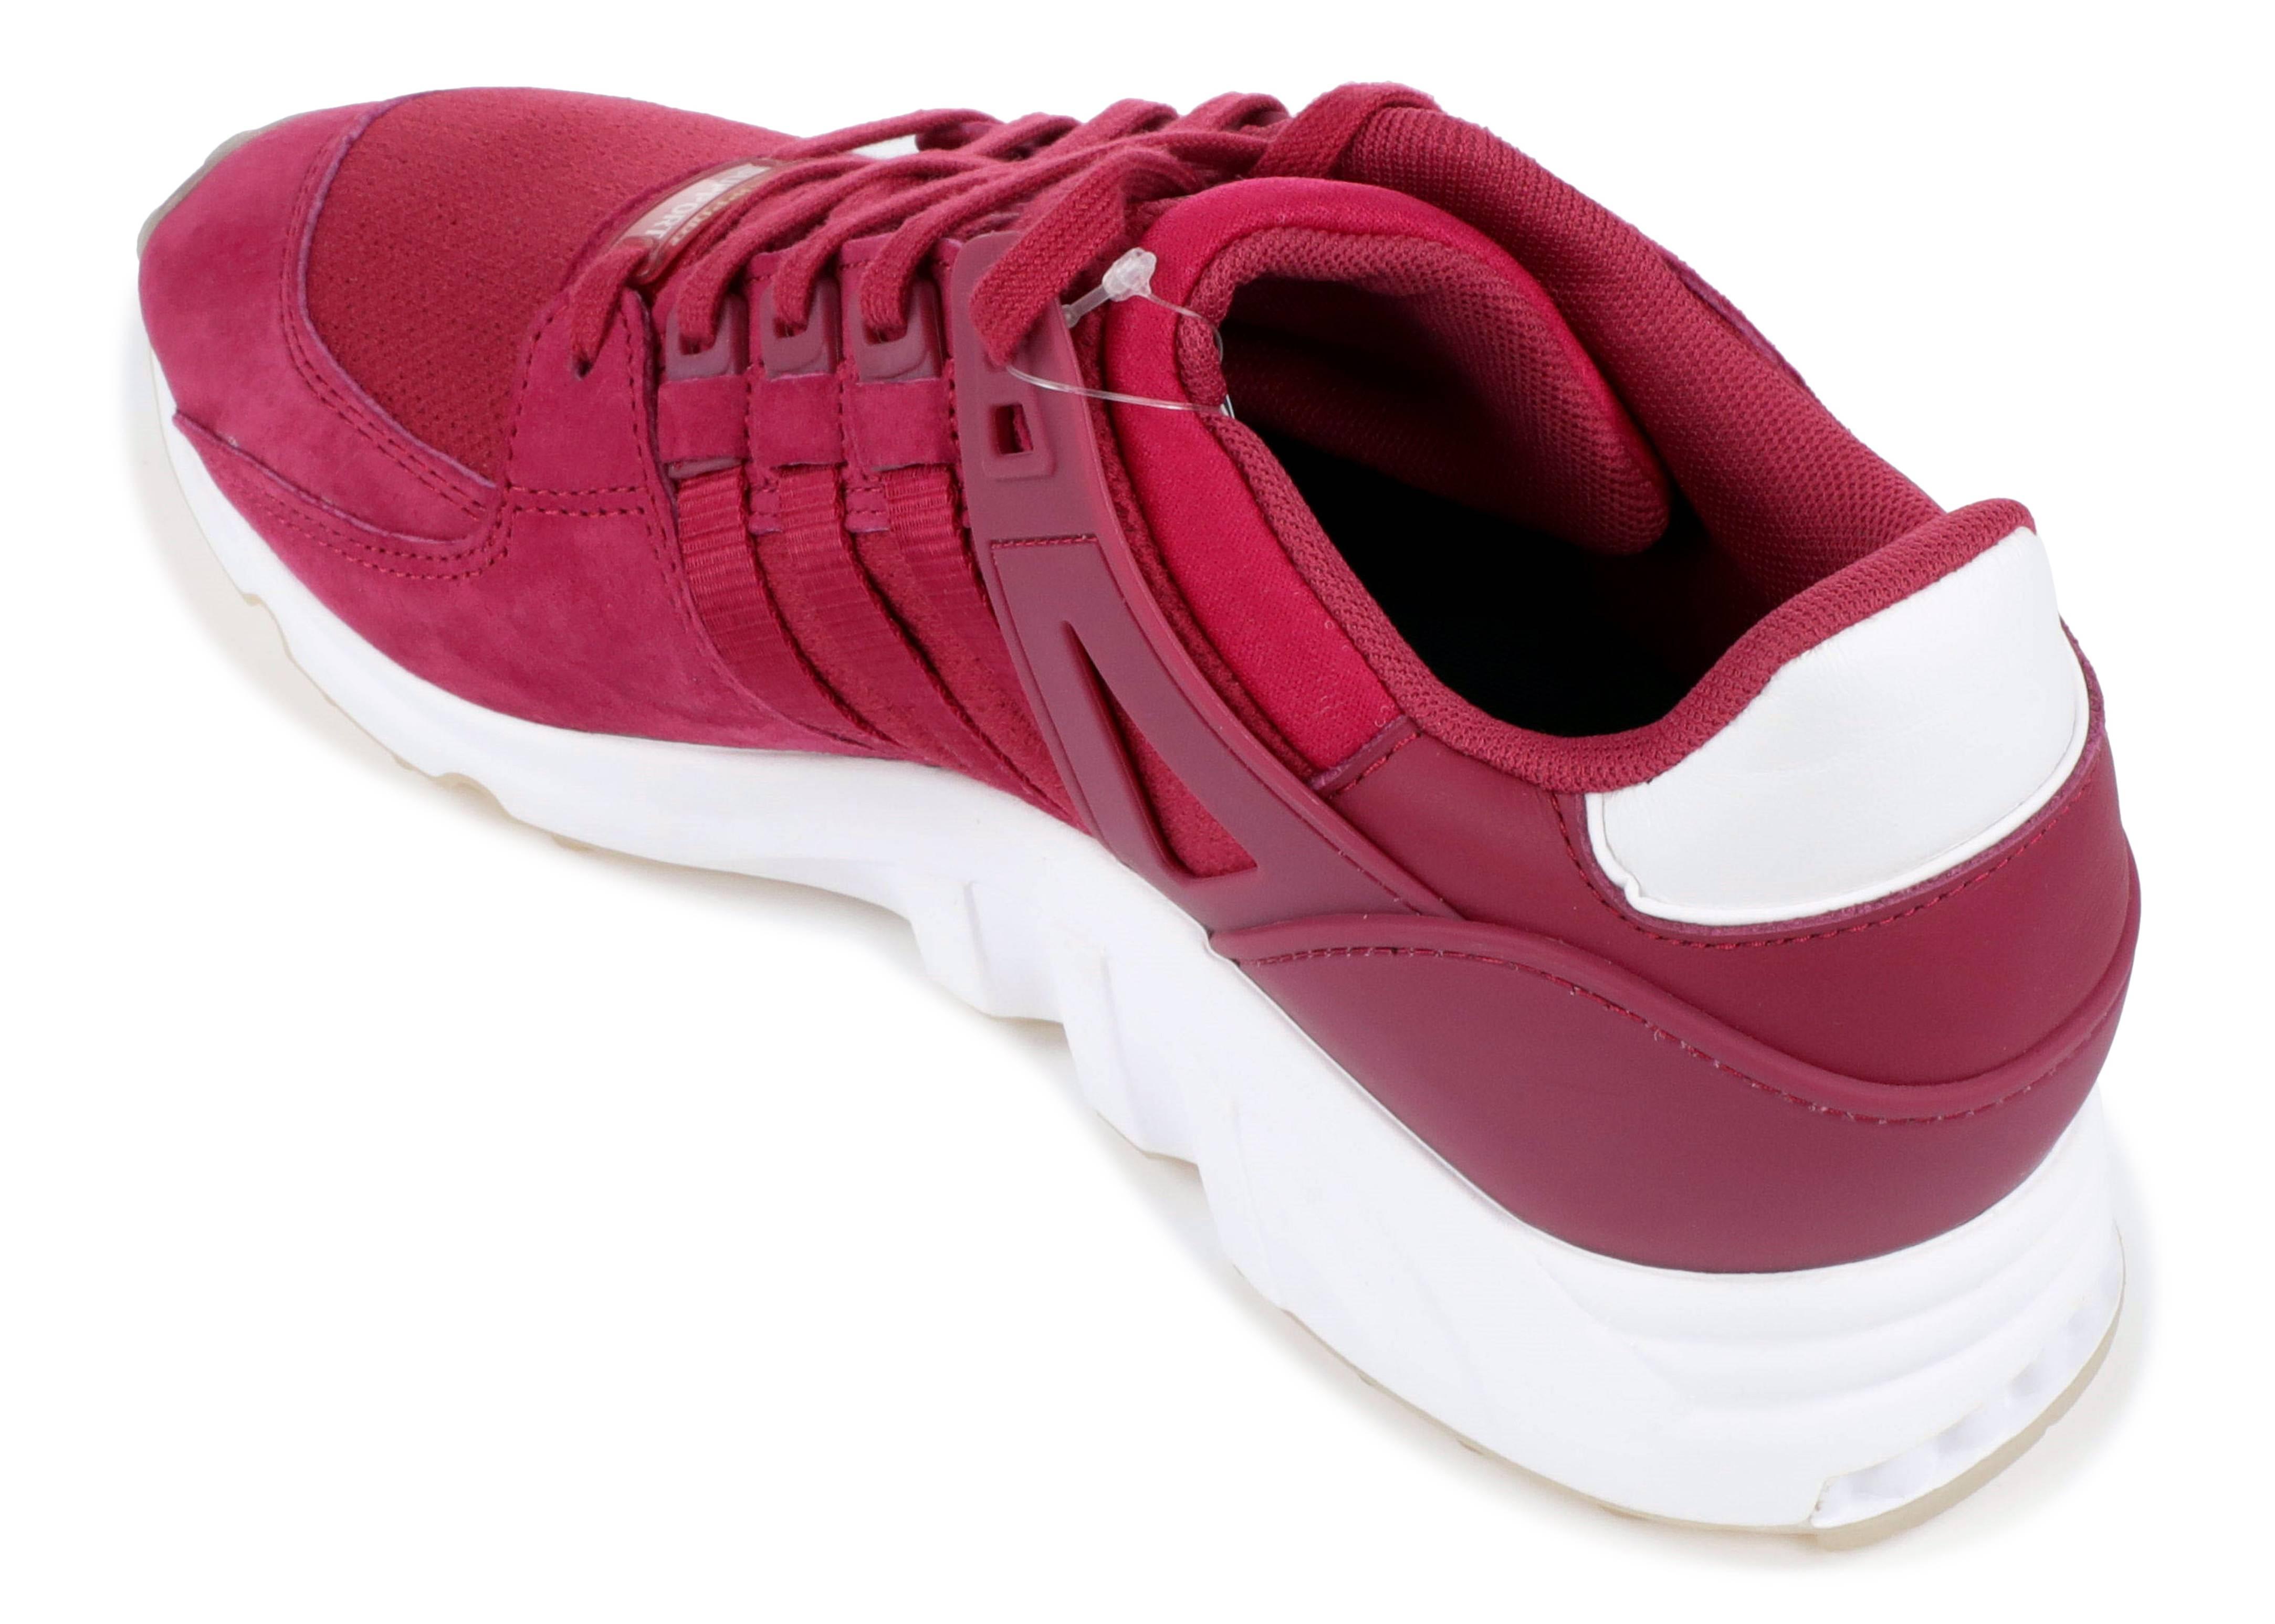 premium selection 8f193 b211a EQT SUPPORT RF W - Adidas - BY9108 - mysrubmysrubcrywht  Fli